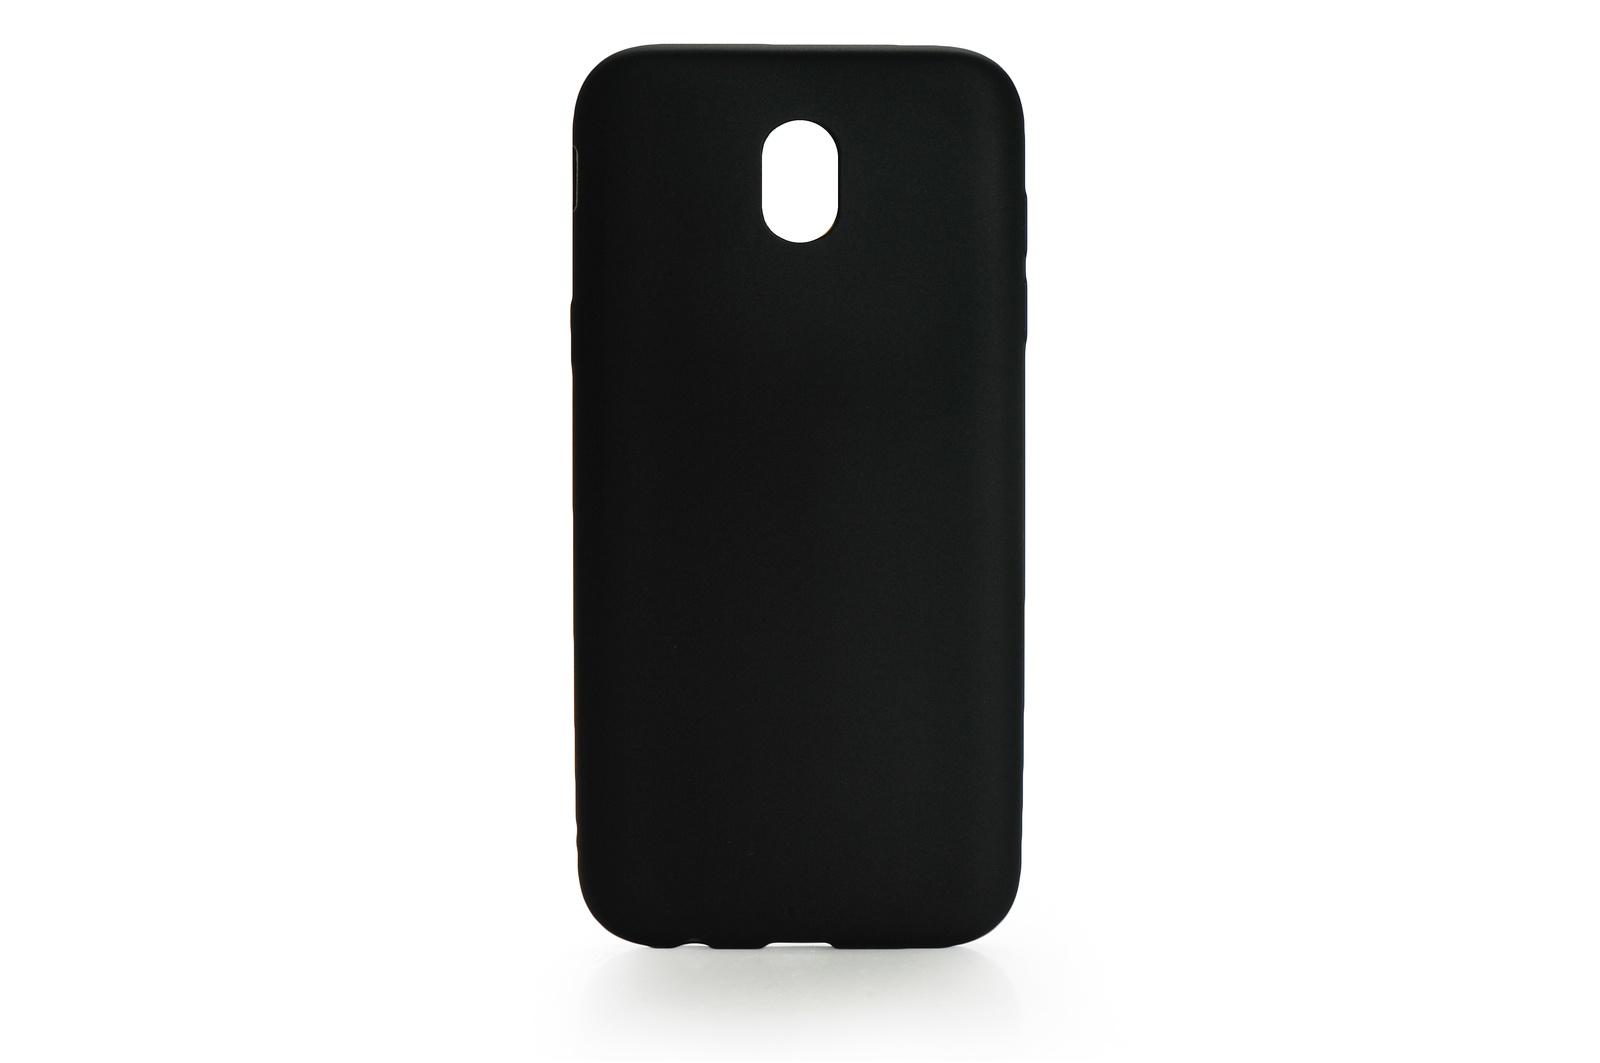 Чехол для сотового телефона Gurdini Чехол накладка силикон высокотехнологичный для Samsung Galaxy J3(J330) 2017 , 904136, черный